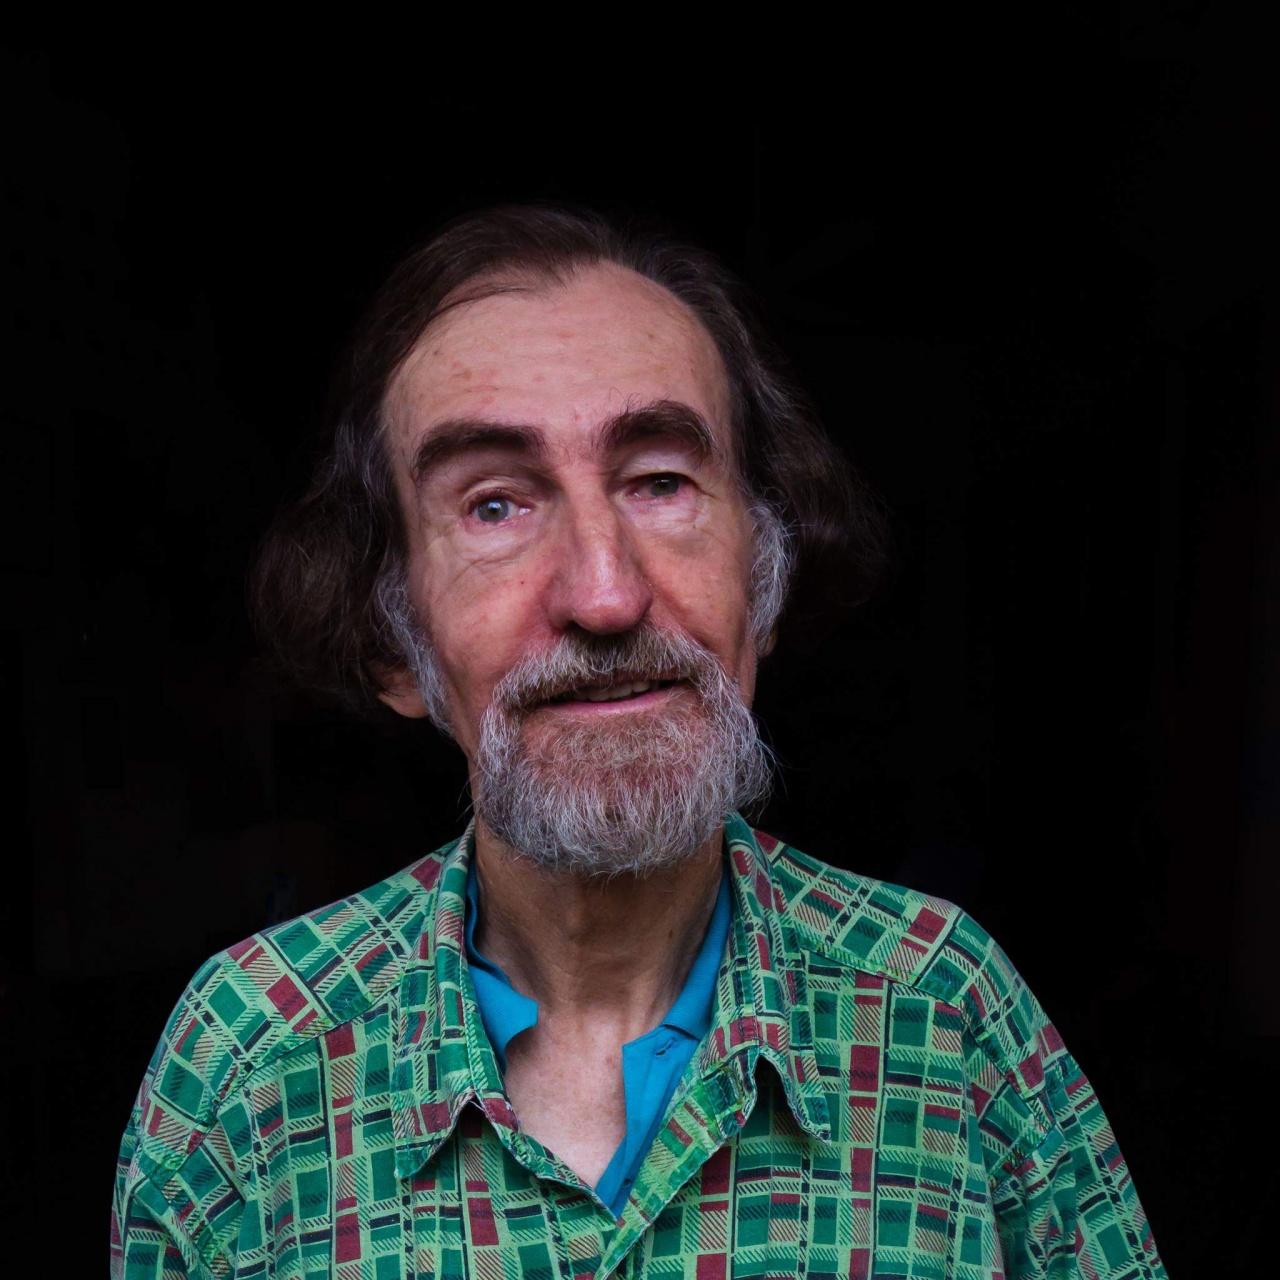 Documentary Film Maker Tom Fawthrop